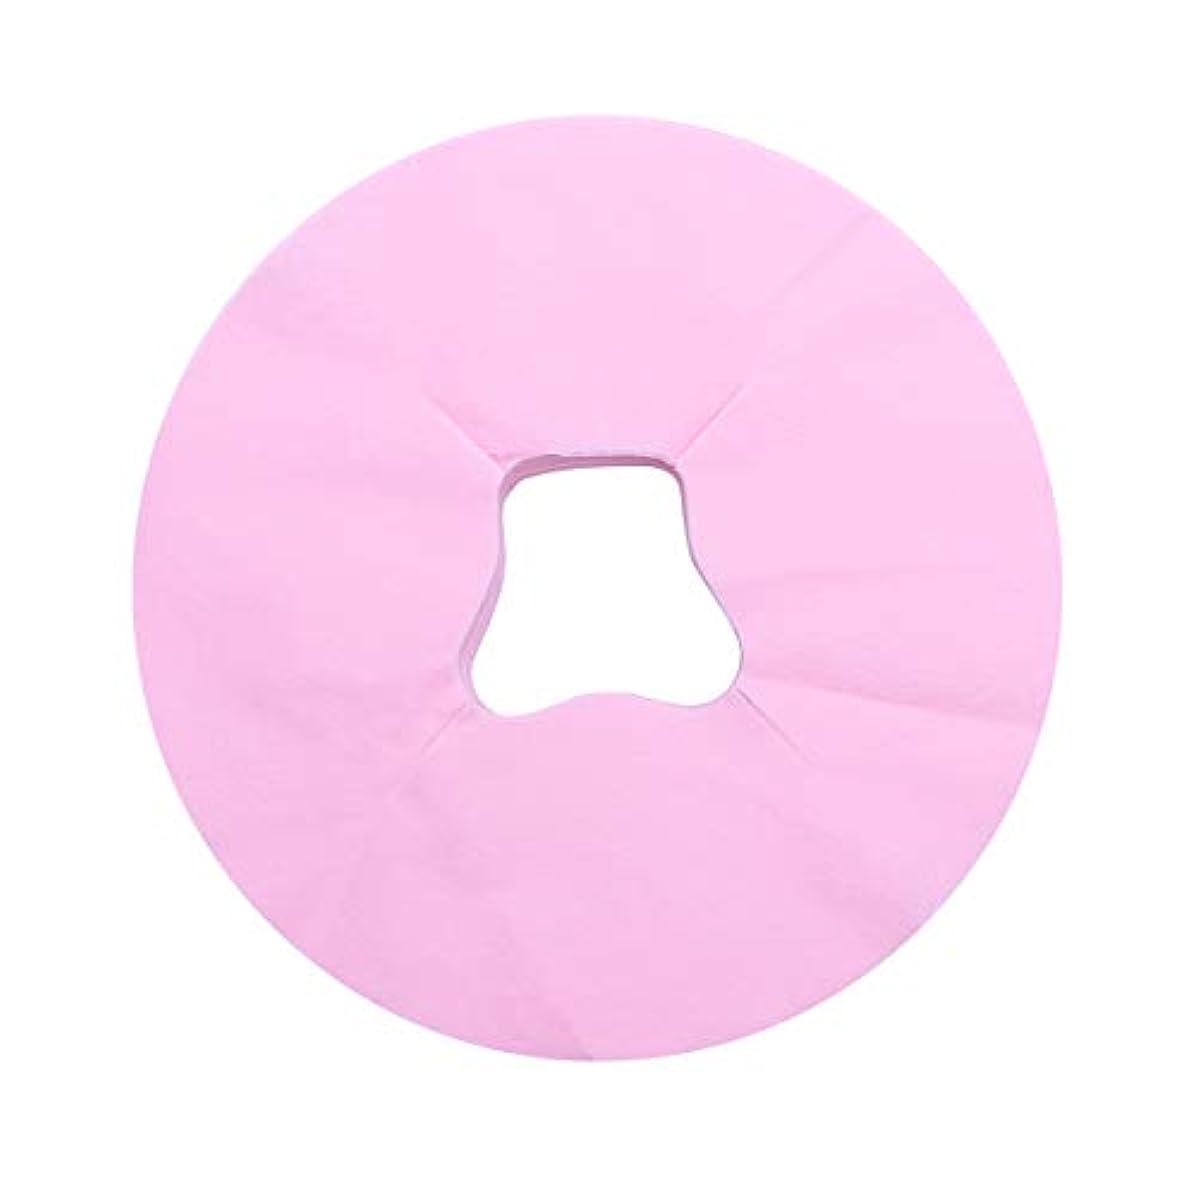 隔離する会計価格Healifty 100シートマッサージフェイスピローカバー使い捨てフェイスカバーパッドフェイスホールピローフェイシャルベッドサロンスパヘッドレストピローシート(ピンク)